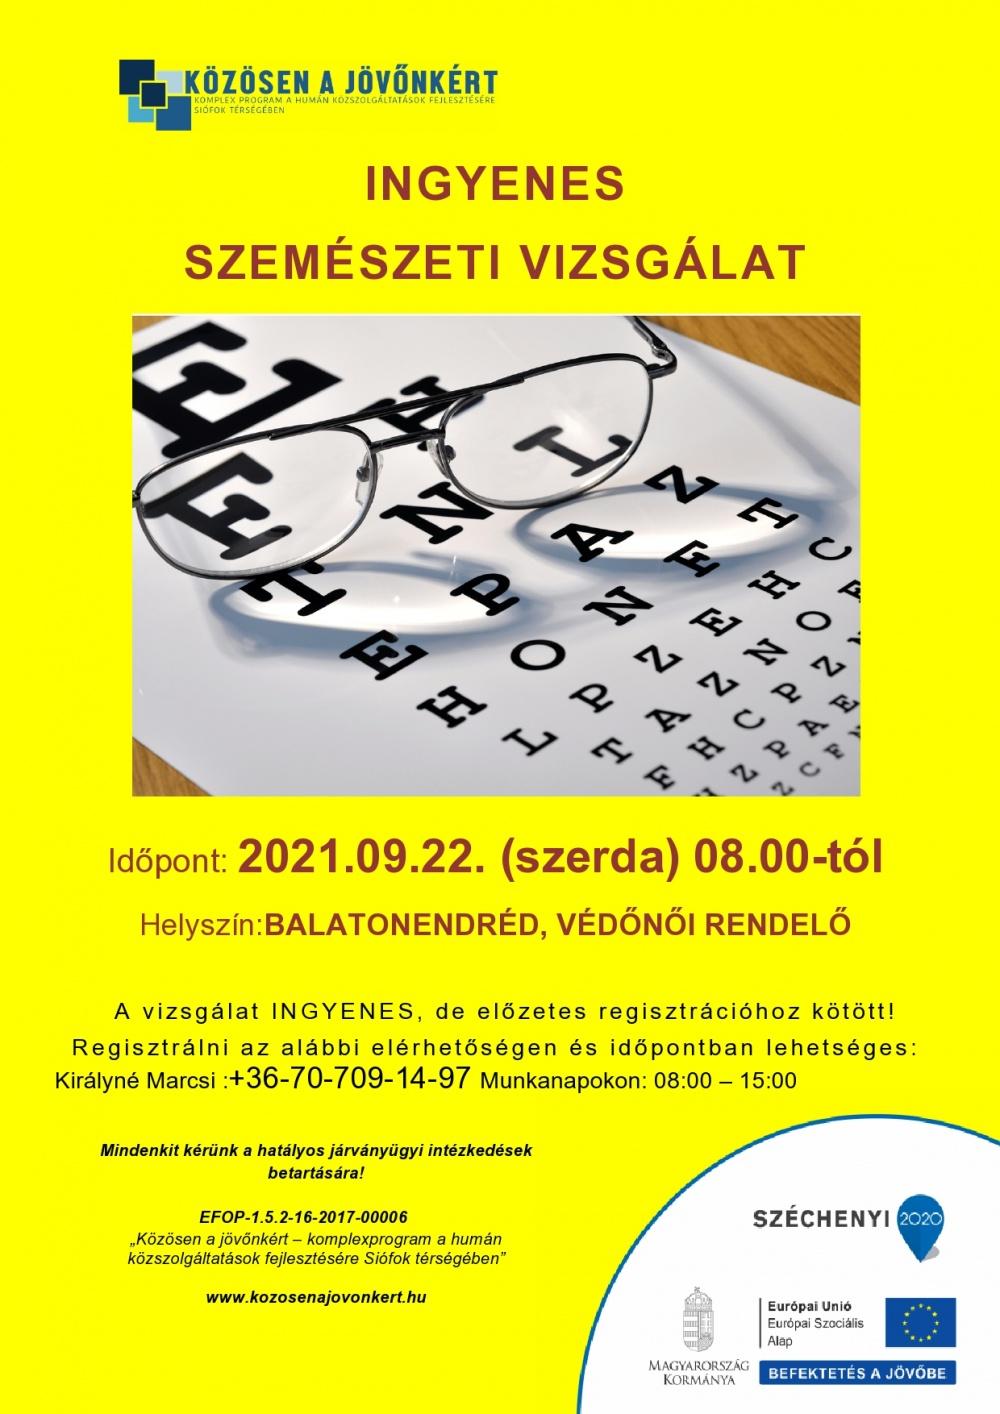 Ingyenes szemészeti szűrővizsgálat Balatonednréden!